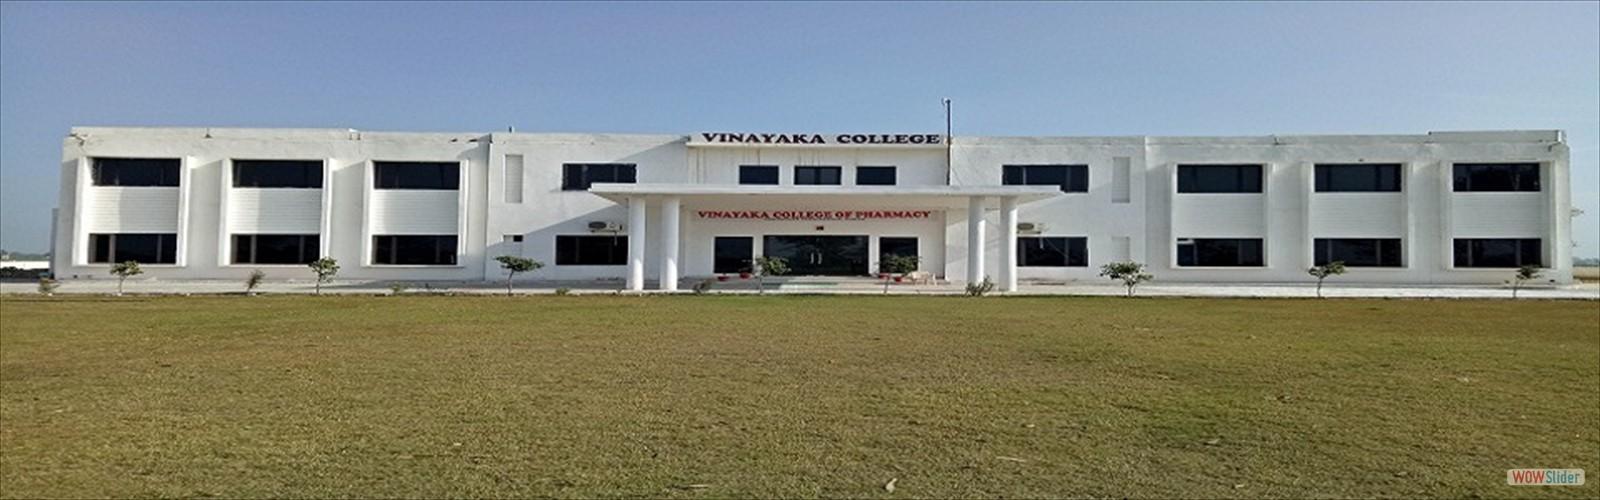 Vinayaka College of Pharmacy